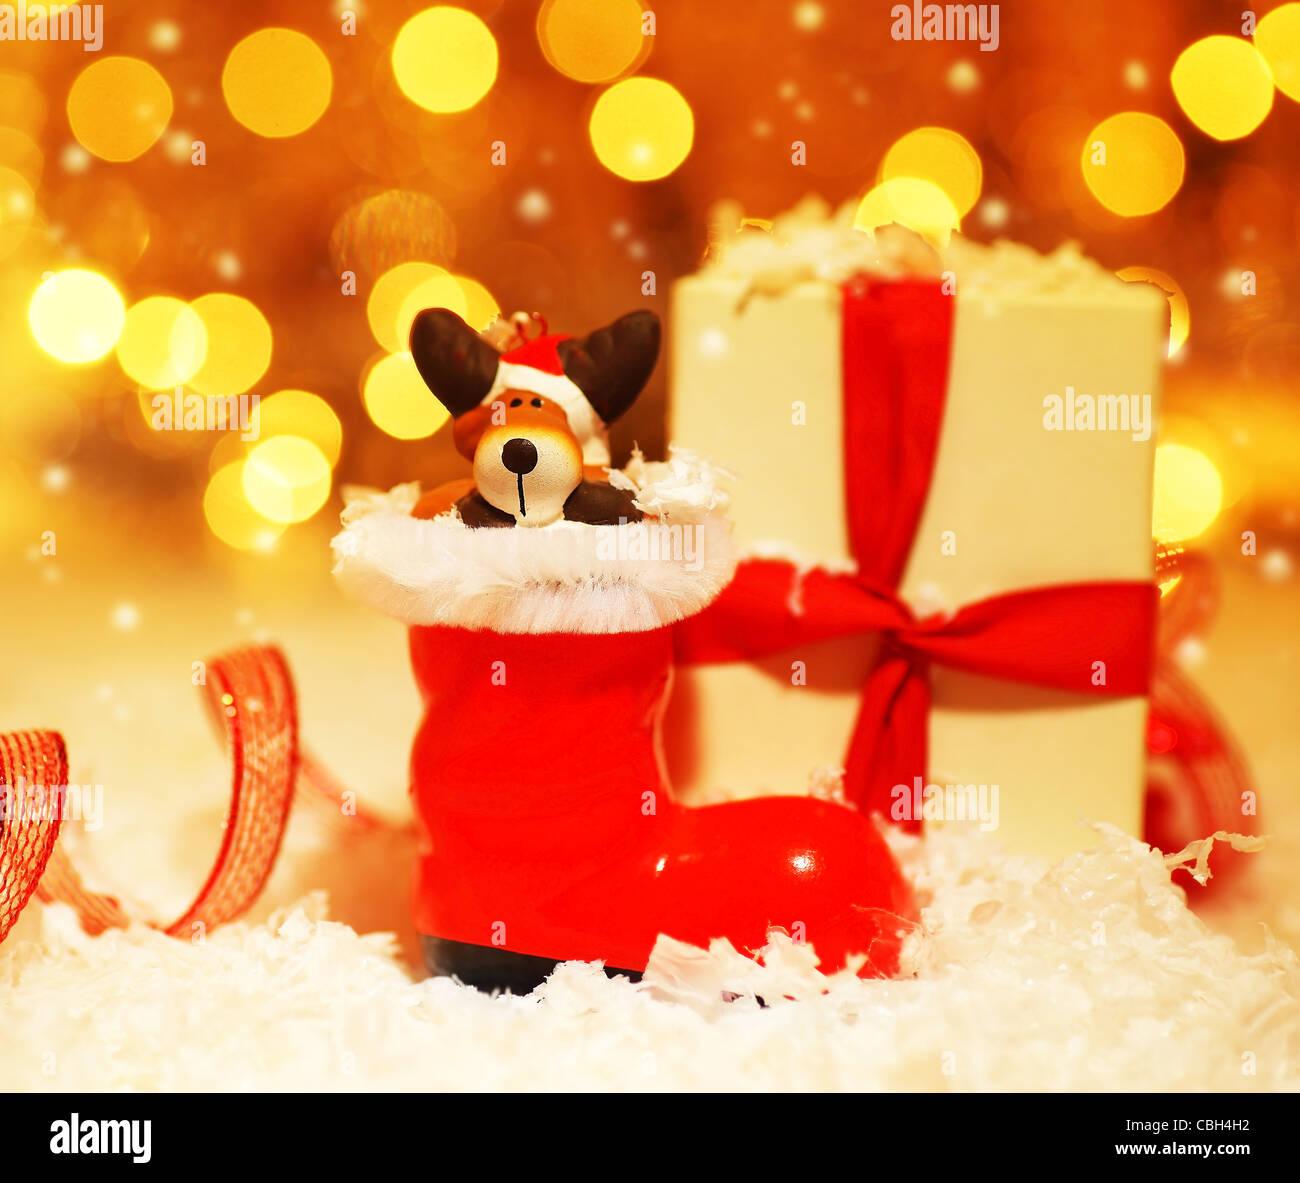 Santa Boot Stock Photos & Santa Boot Stock Images - Alamy